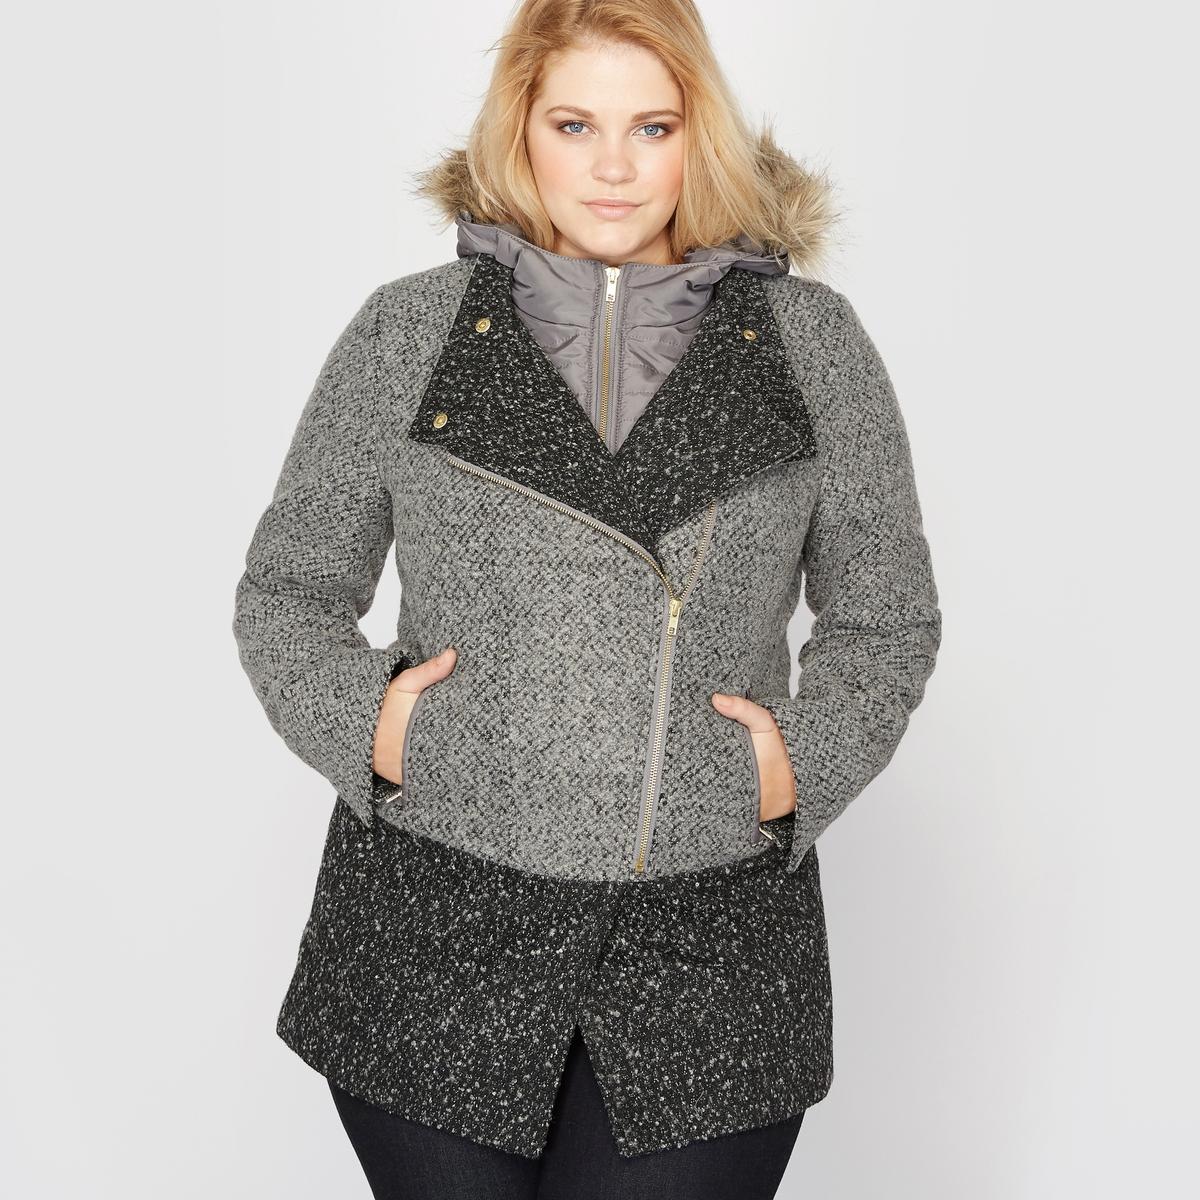 Пальто двухцветное с твидовым эффектом, с капюшоном